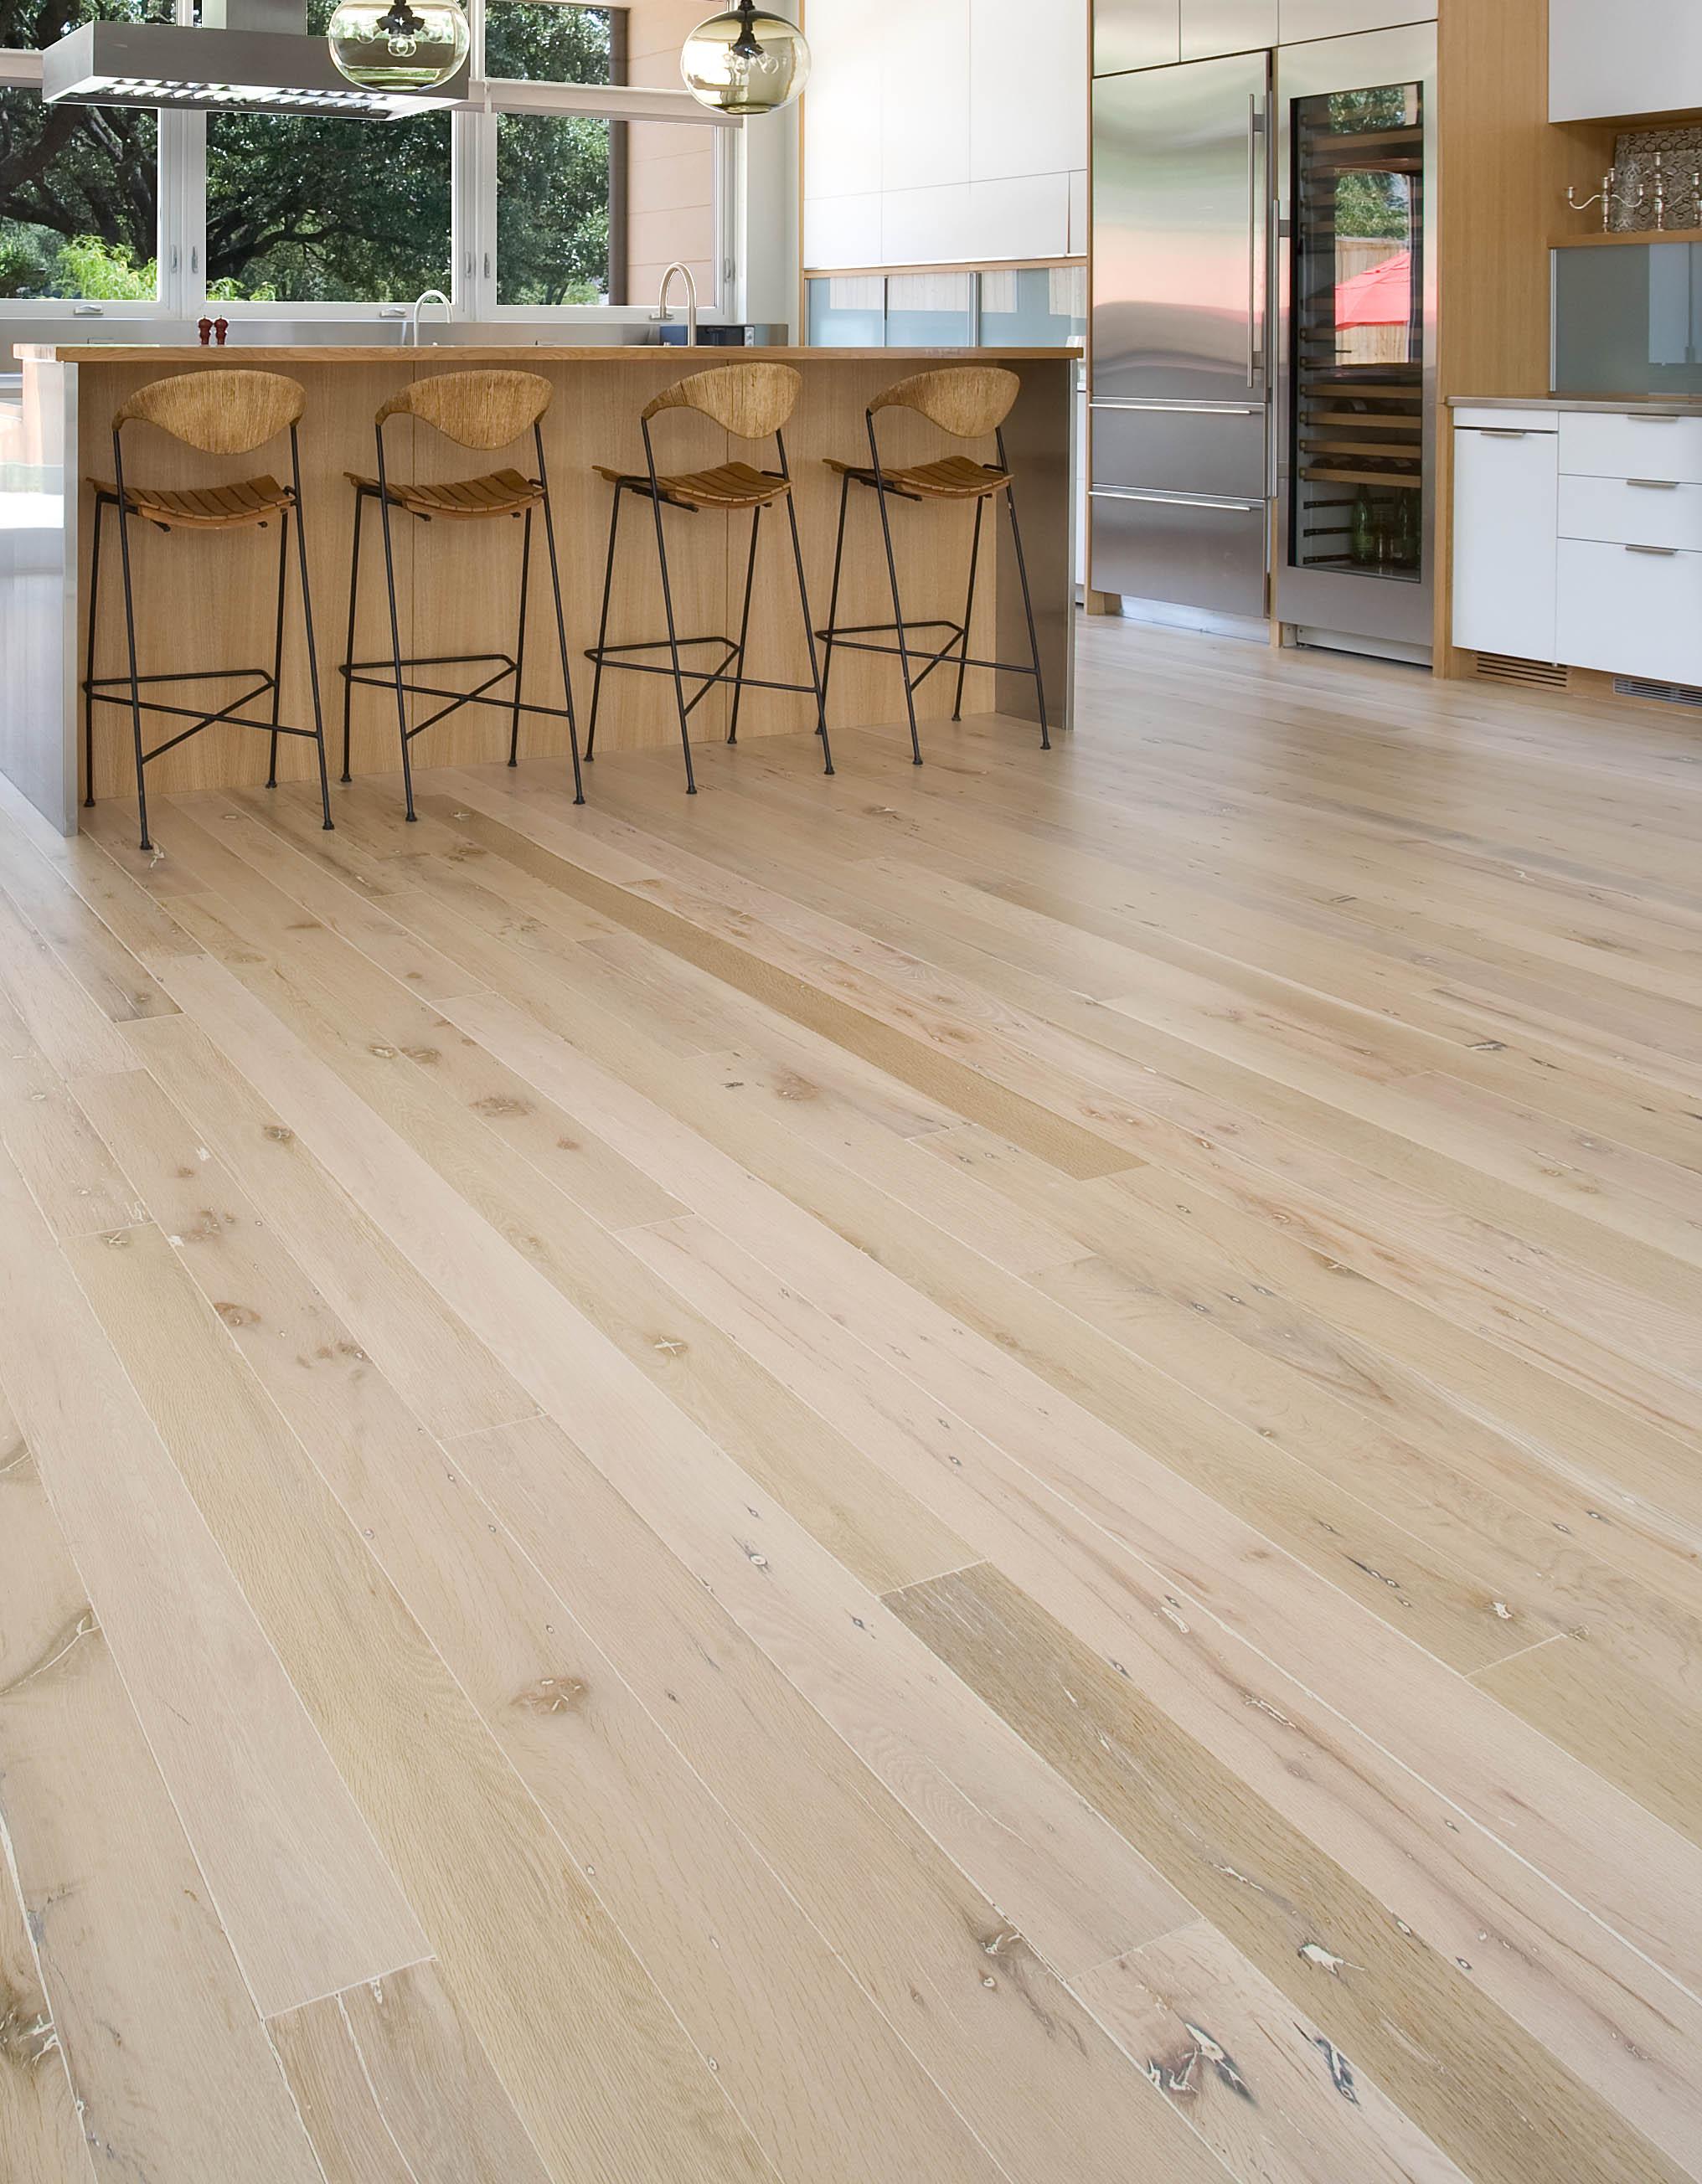 white-oak-wood-flooring-from-recalmed-timber-o